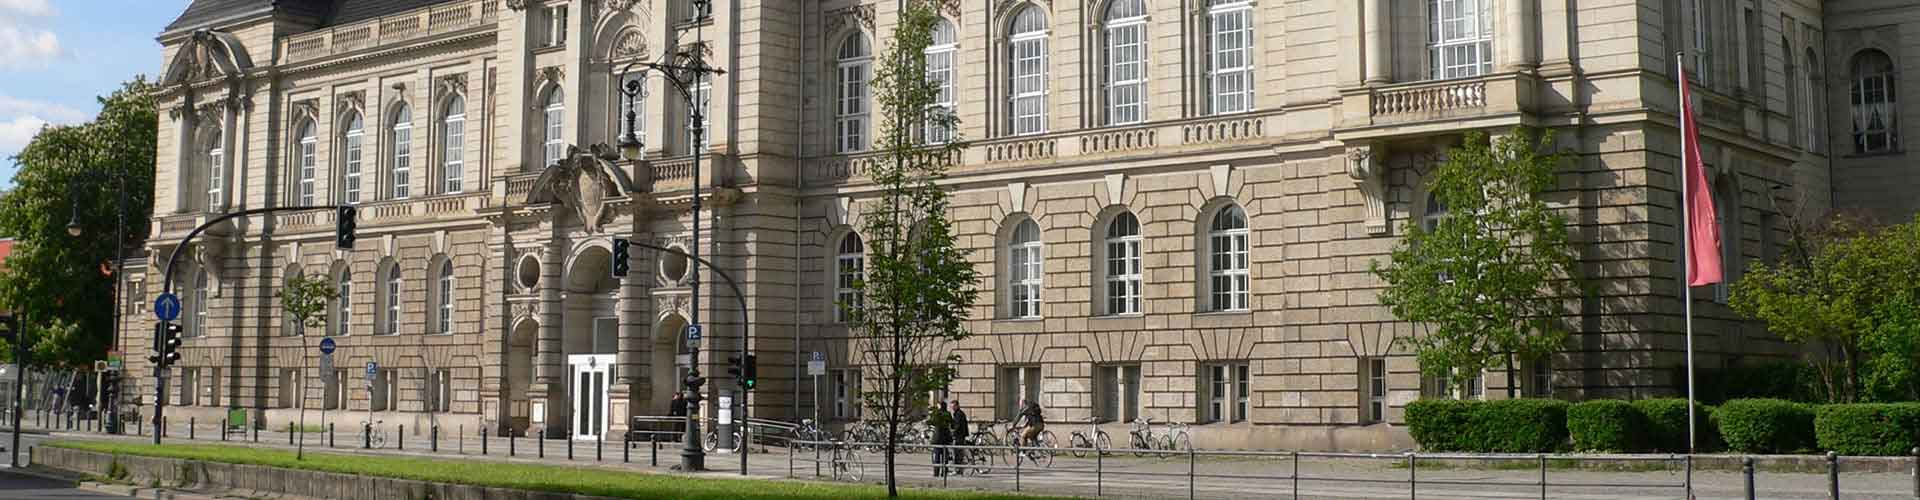 Berlin - Hôtels dans le quartier de Berzik Charlottenburg. Cartes pour Berlin, photos et commentaires pour chaque hôtel à Berlin.